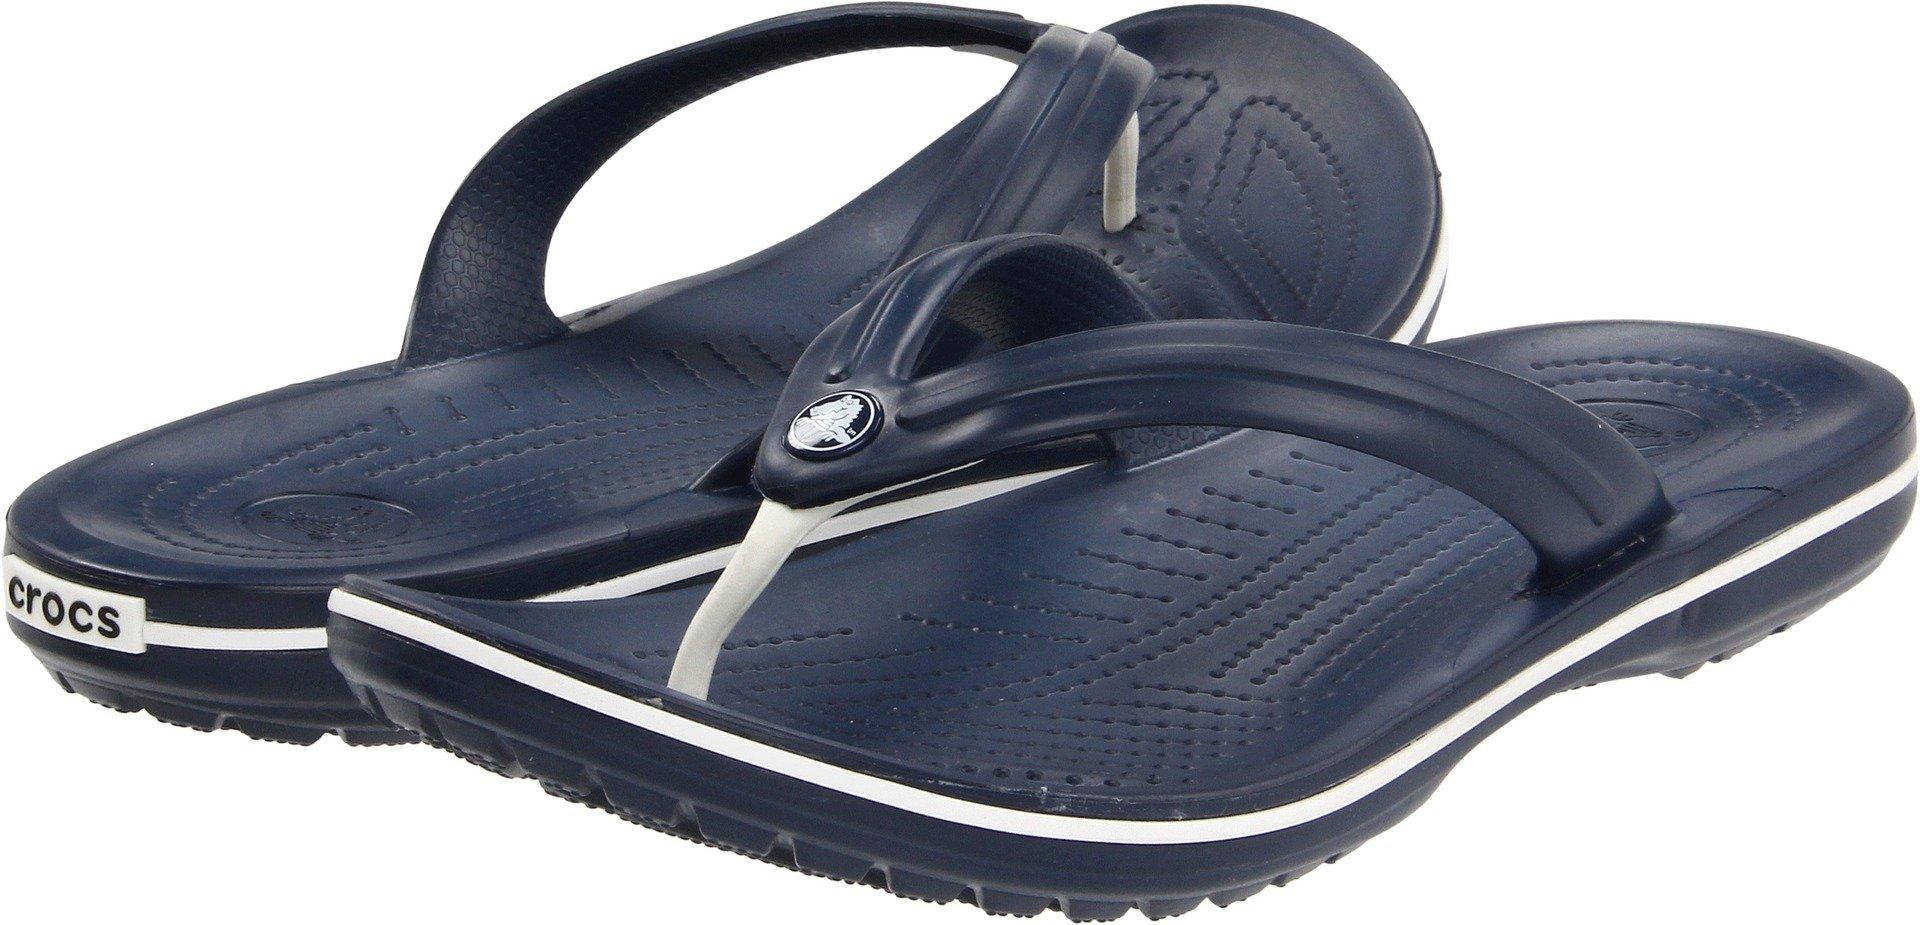 Crocs Unisex Crocband Flip-Flops Sandals, Navy, Size M10W12